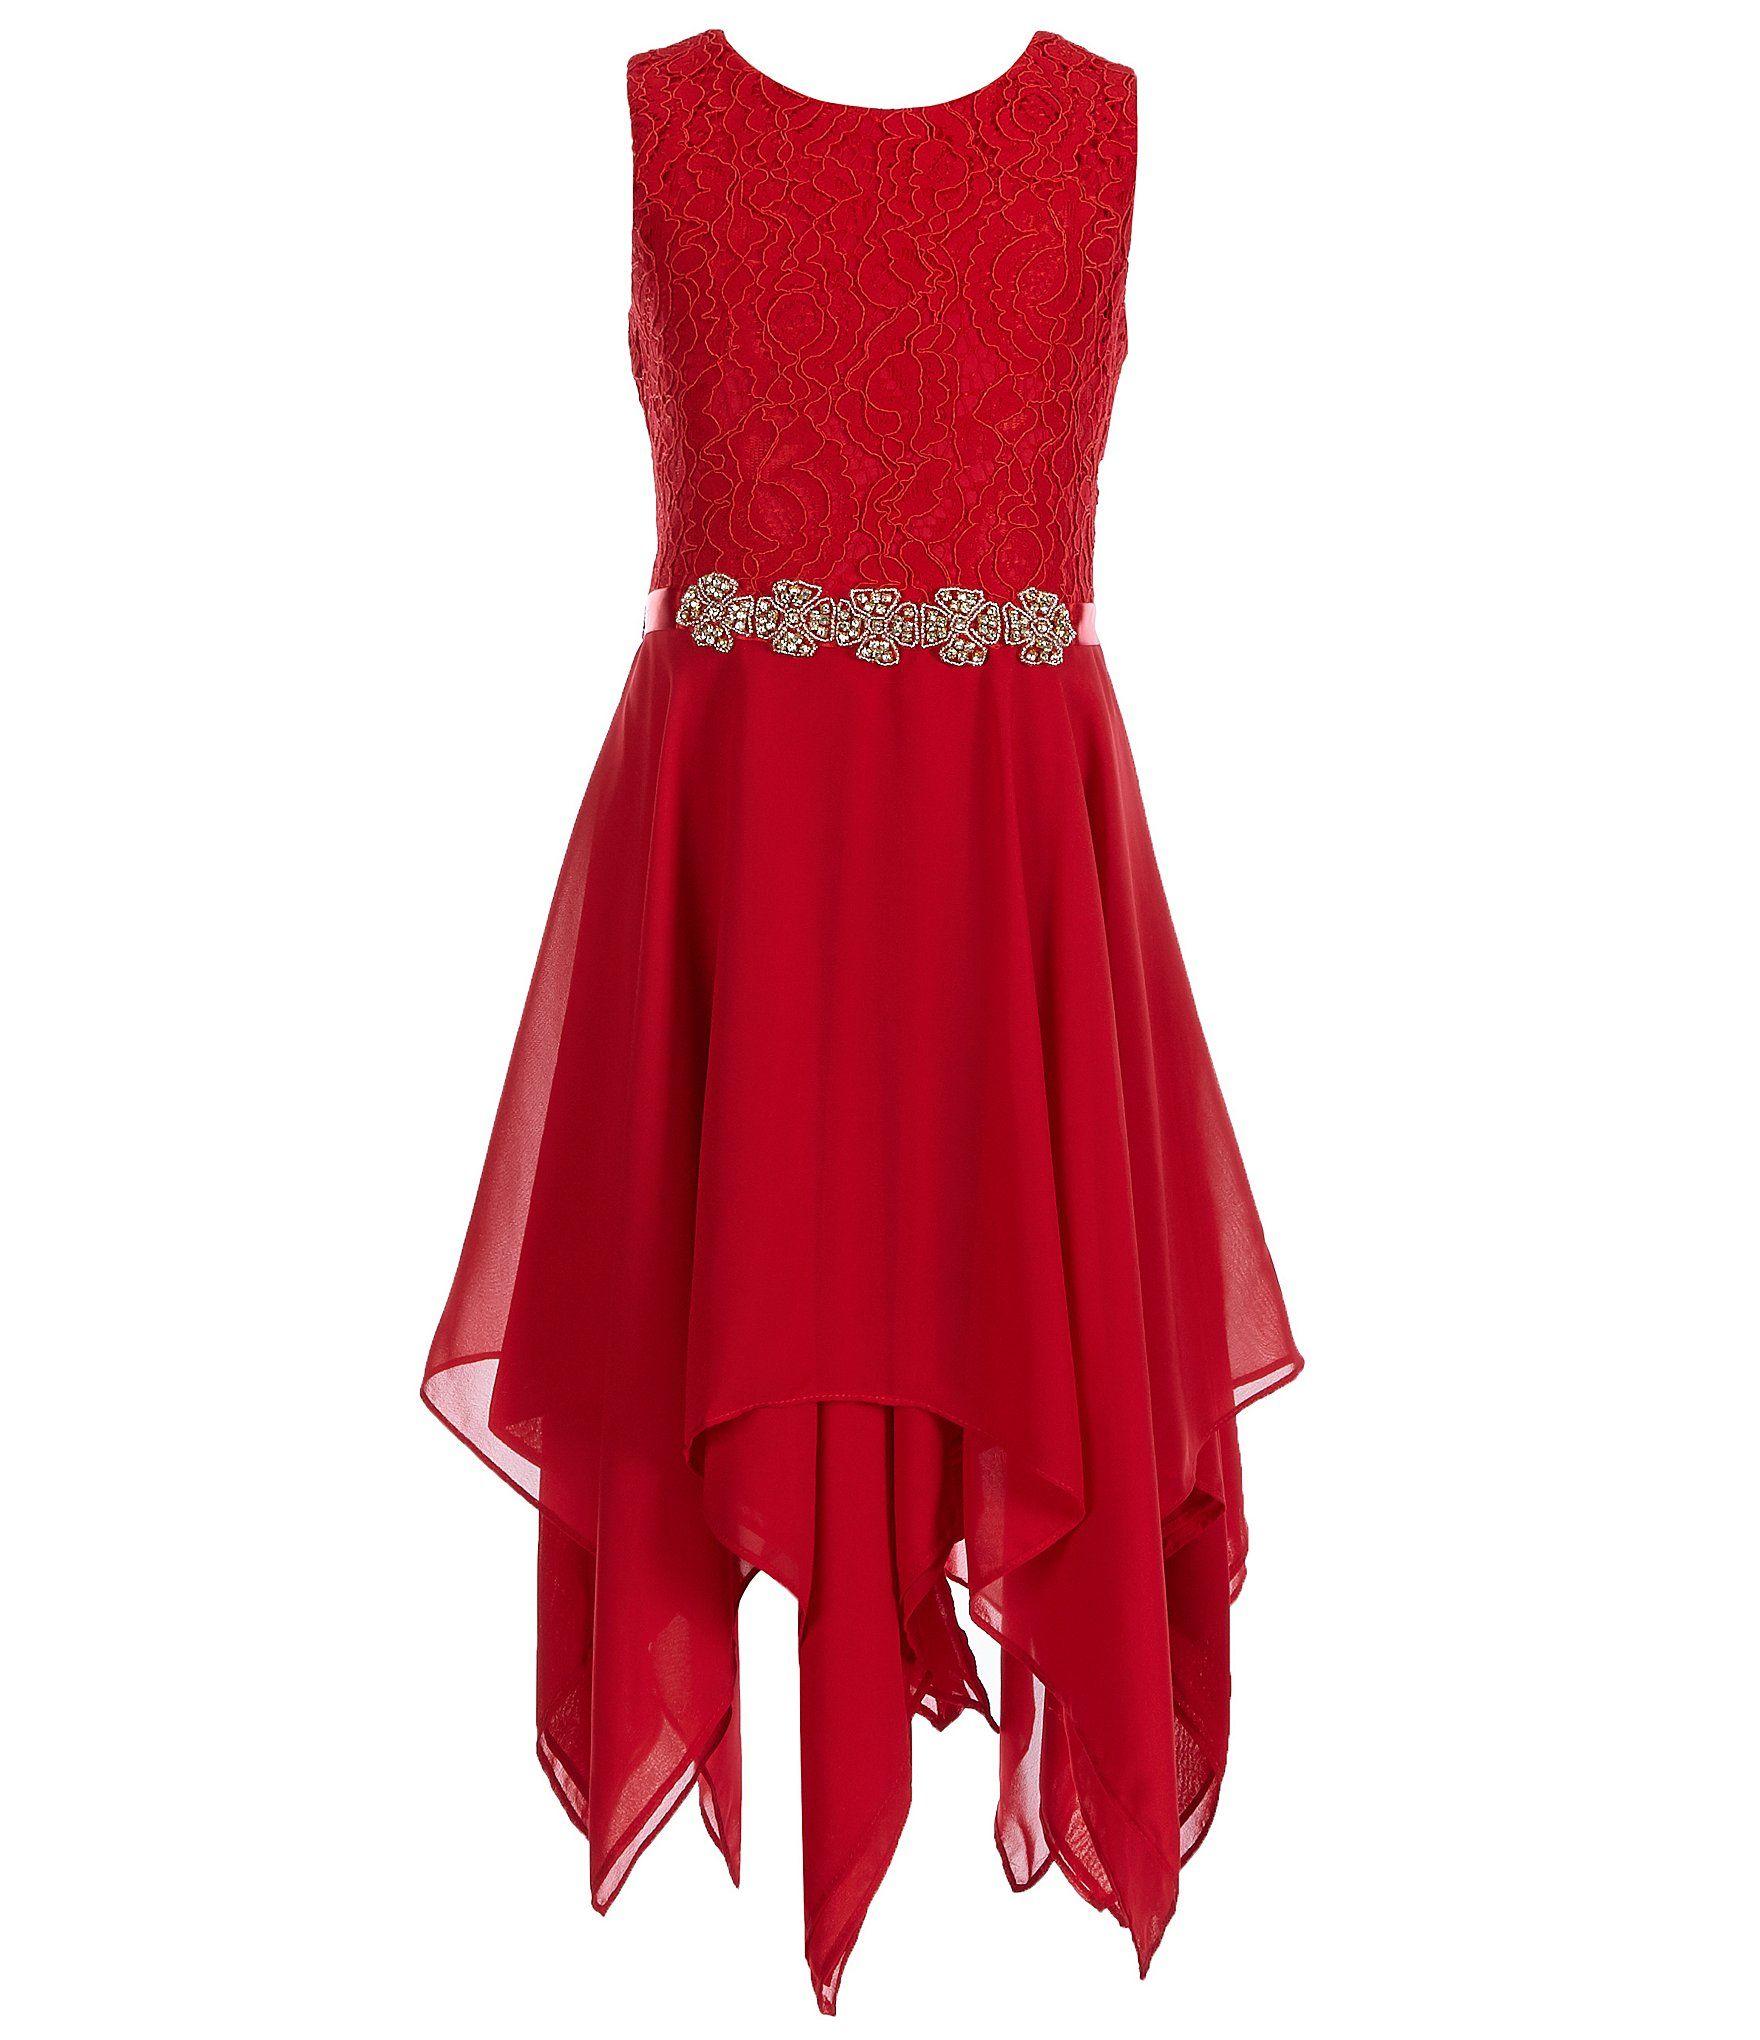 d56a59f765c Tween Diva Big Girls 716 LaceToChiffon FitAndFlare Dress  Dillards ...